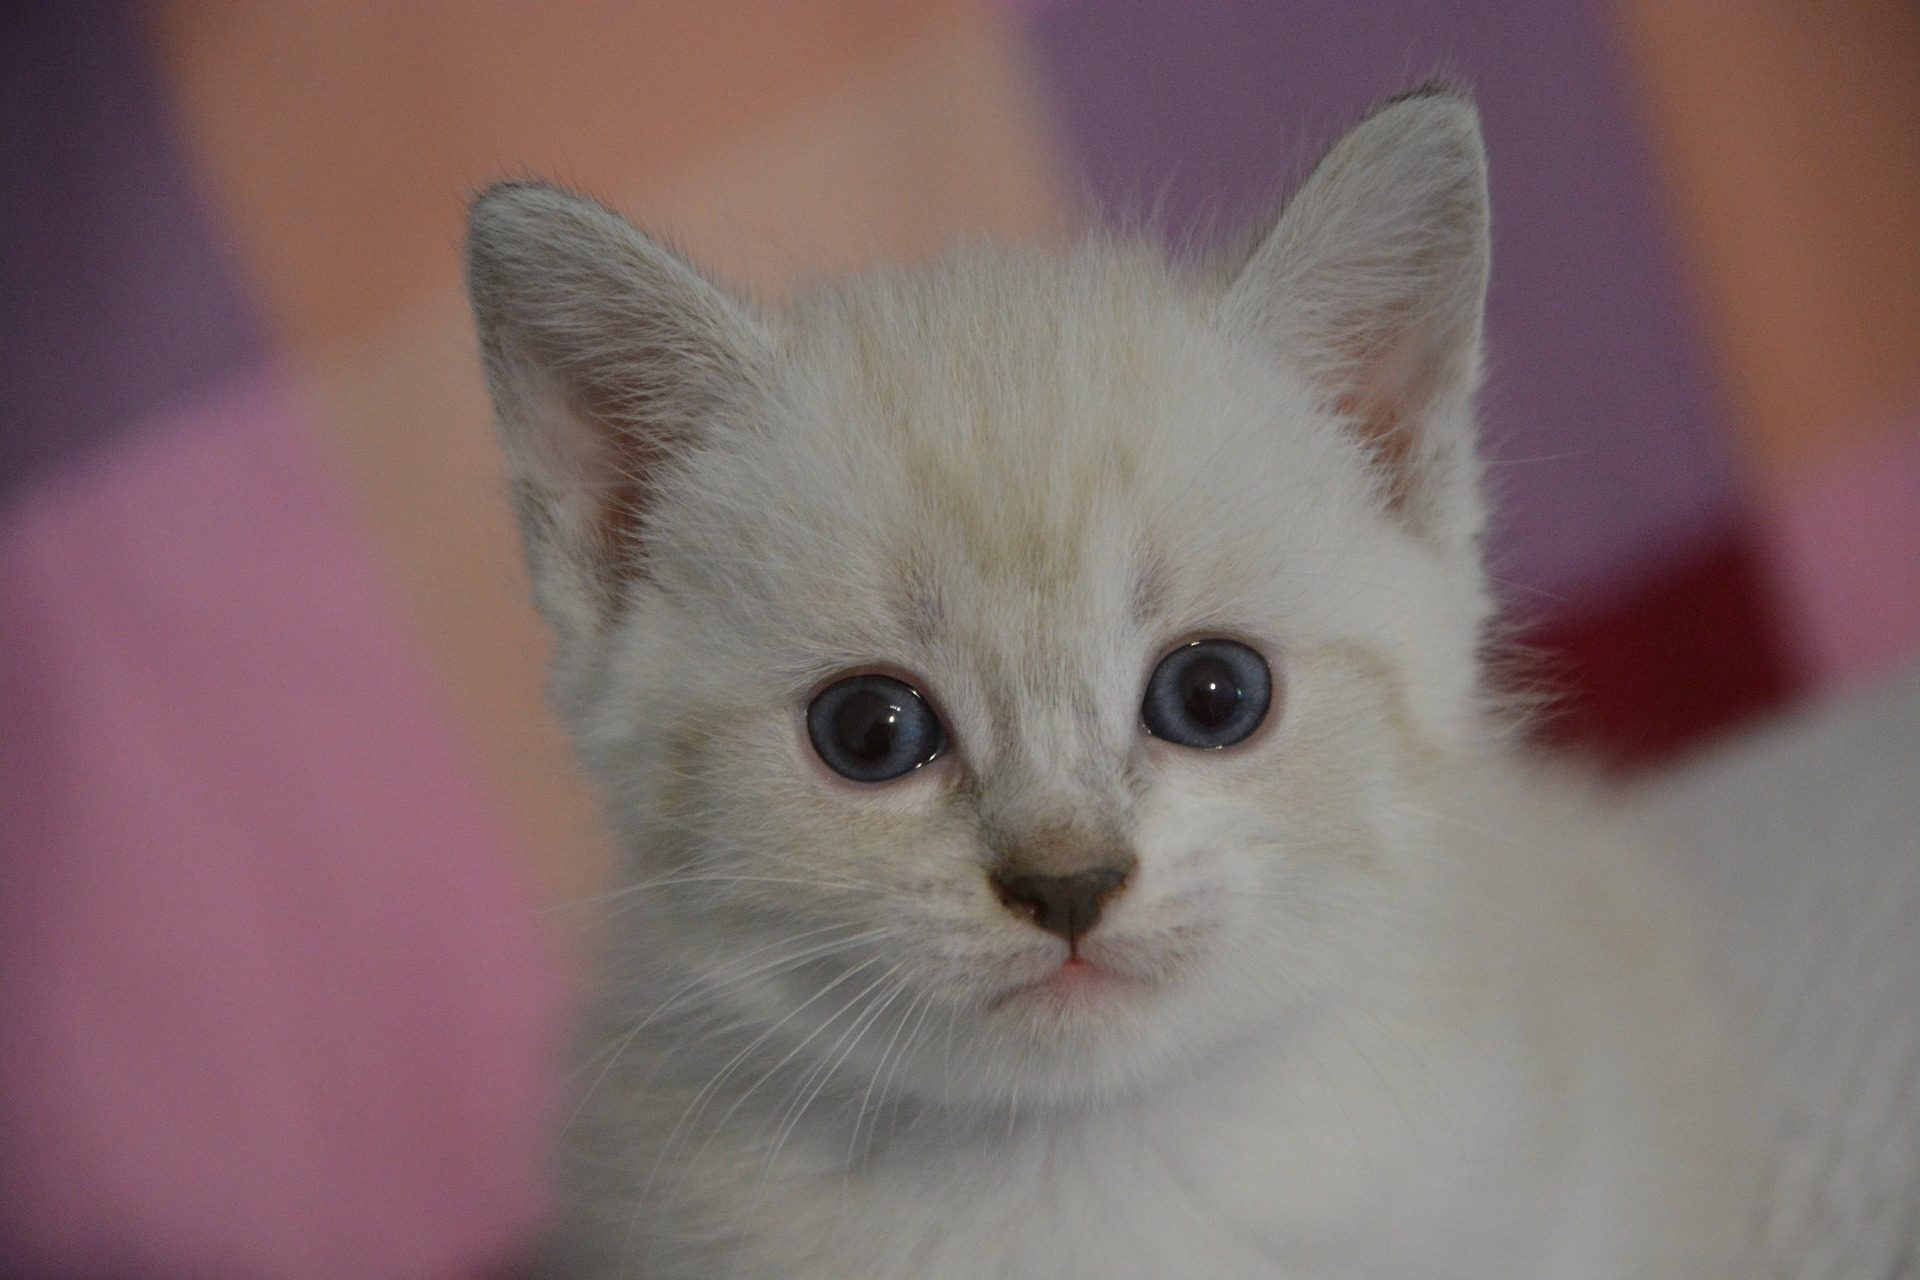 кошка, Киса, Выкорми, Мех, глаза, кошачьи - Обои HD - Профессор falken.com